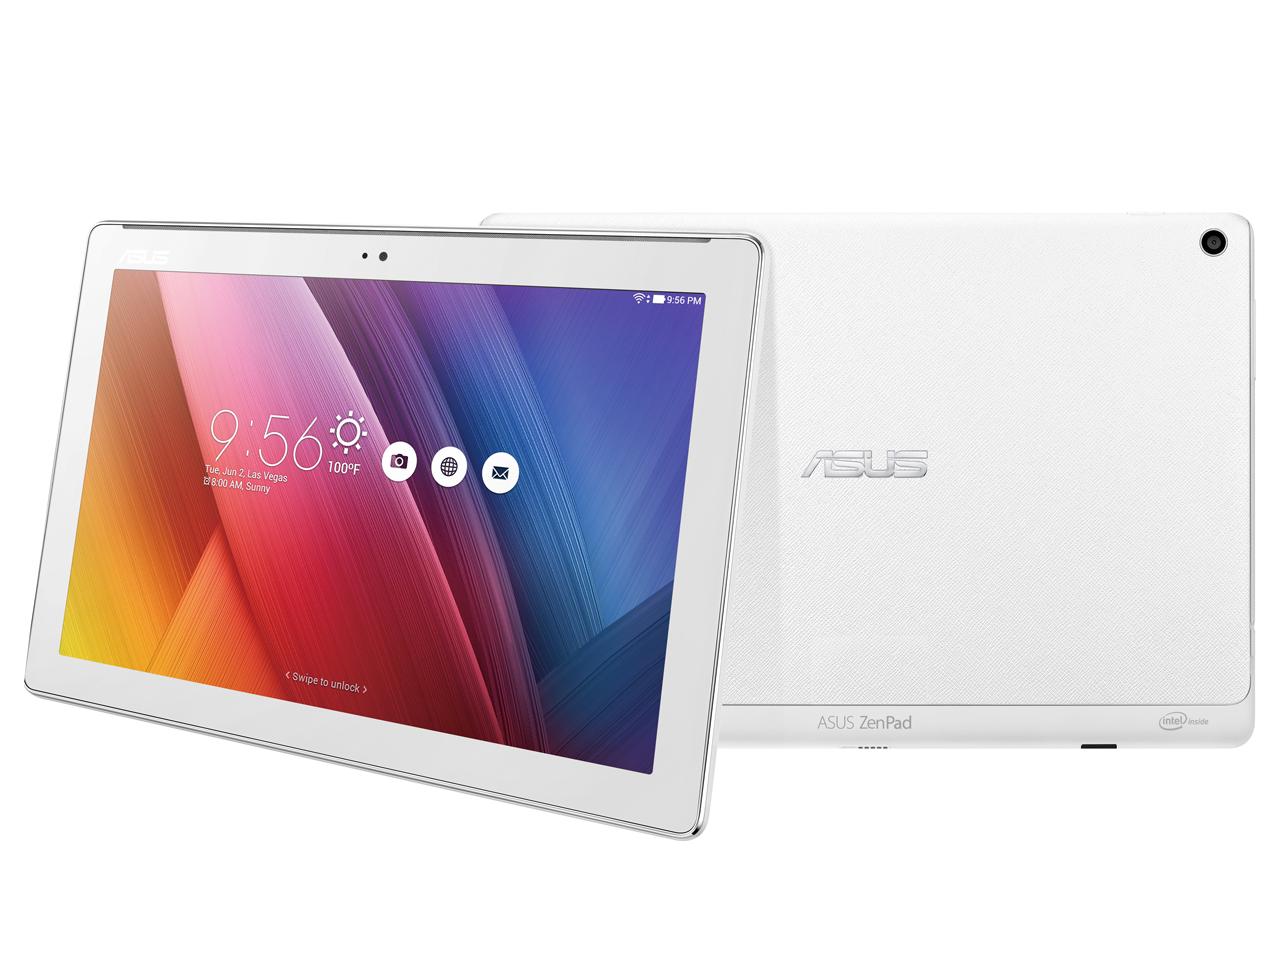 ASUS ZenPad 10 Z300C-WH16 [�z���C�g] �̐��i�摜